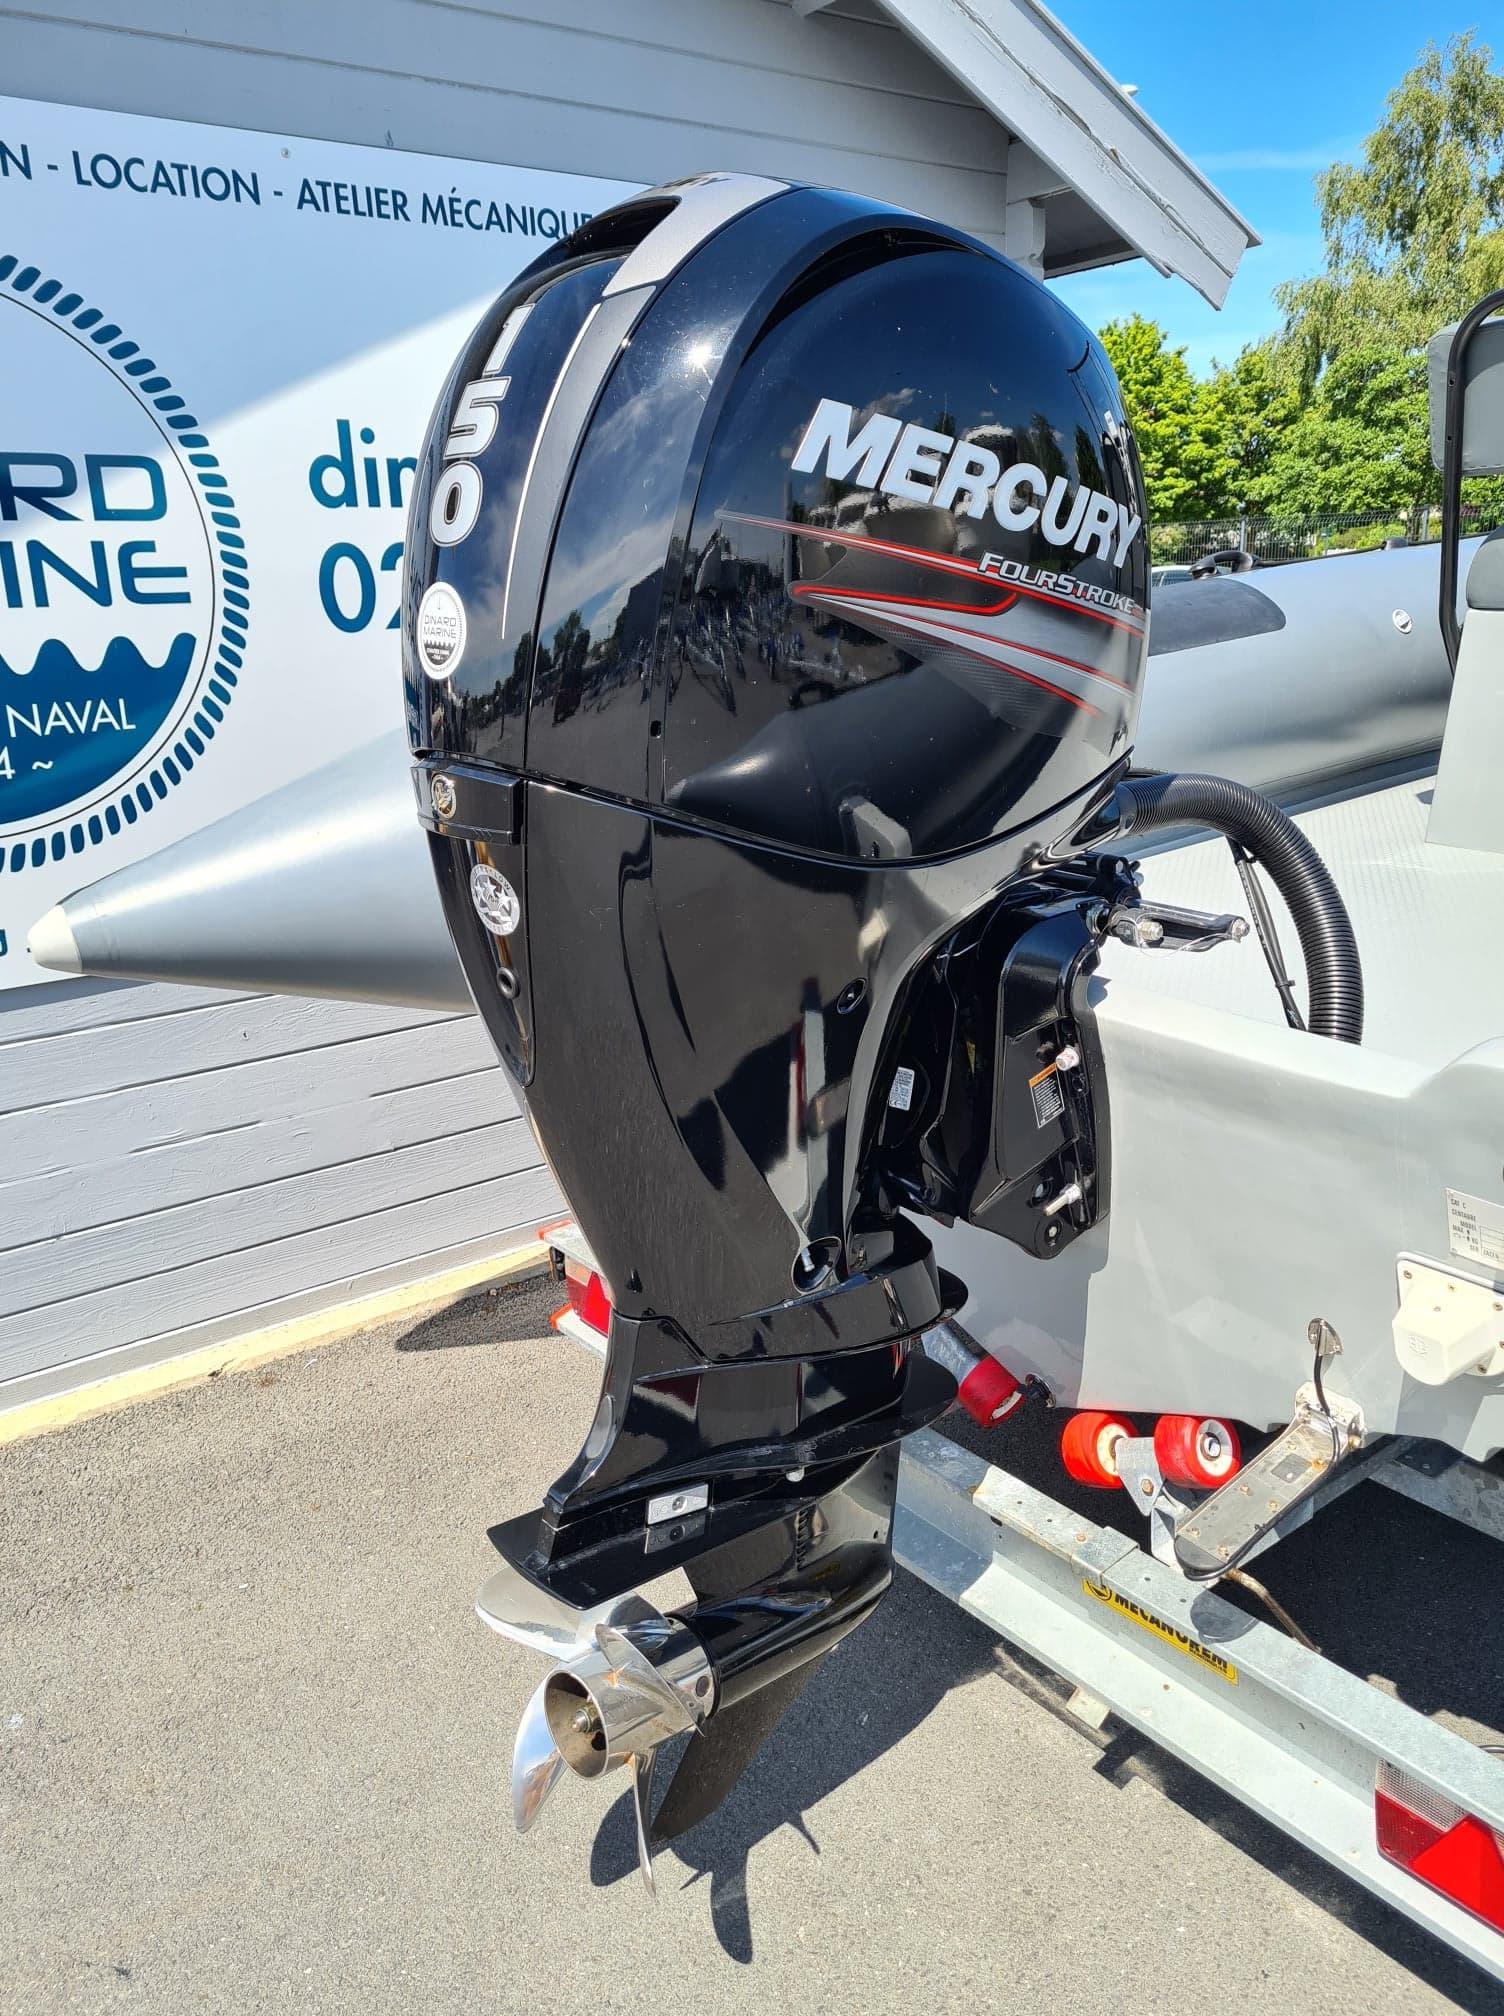 Hélice inox de Centaure 6.20 Xl d'occasion à vendre chez DINARD MARINE